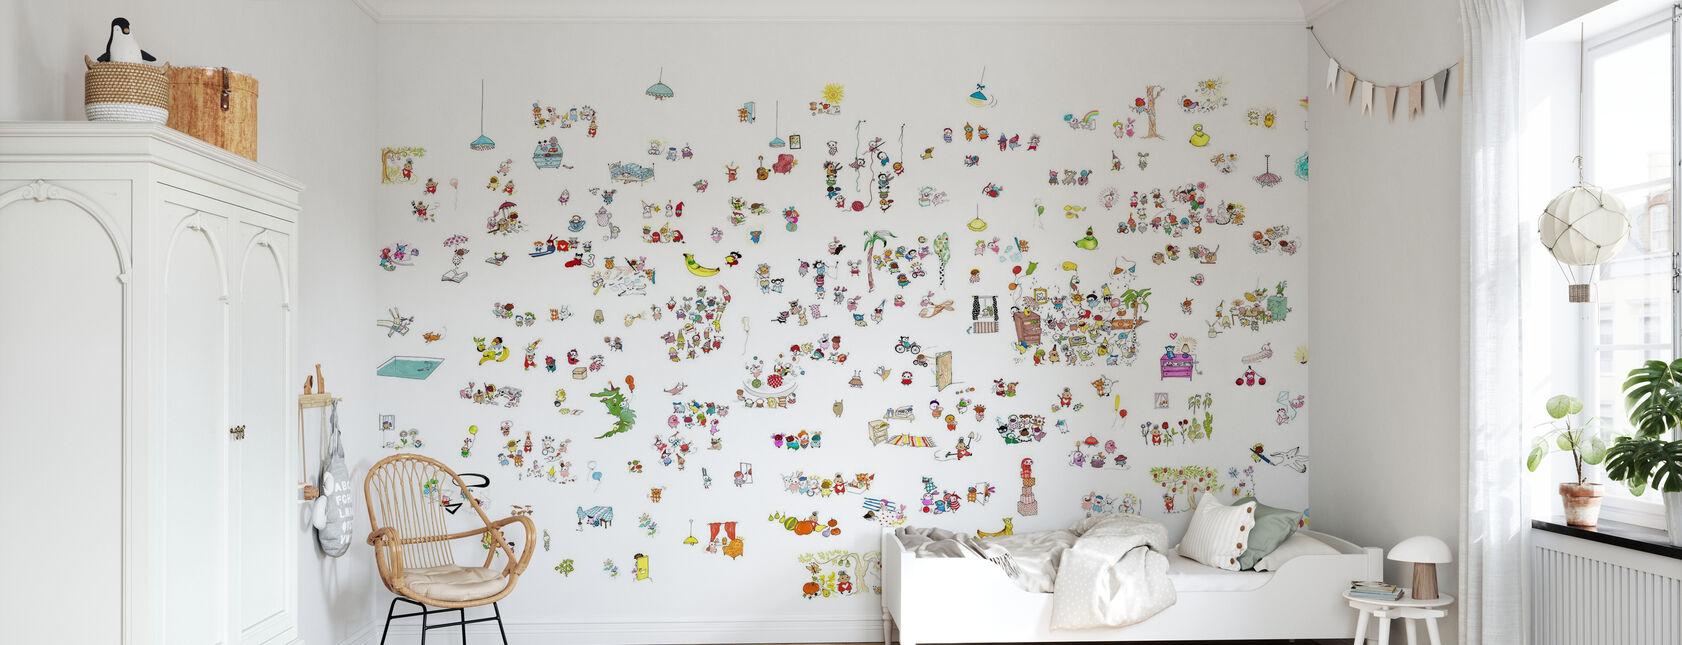 Myller hétéroclite - Papier peint - Chambre des enfants